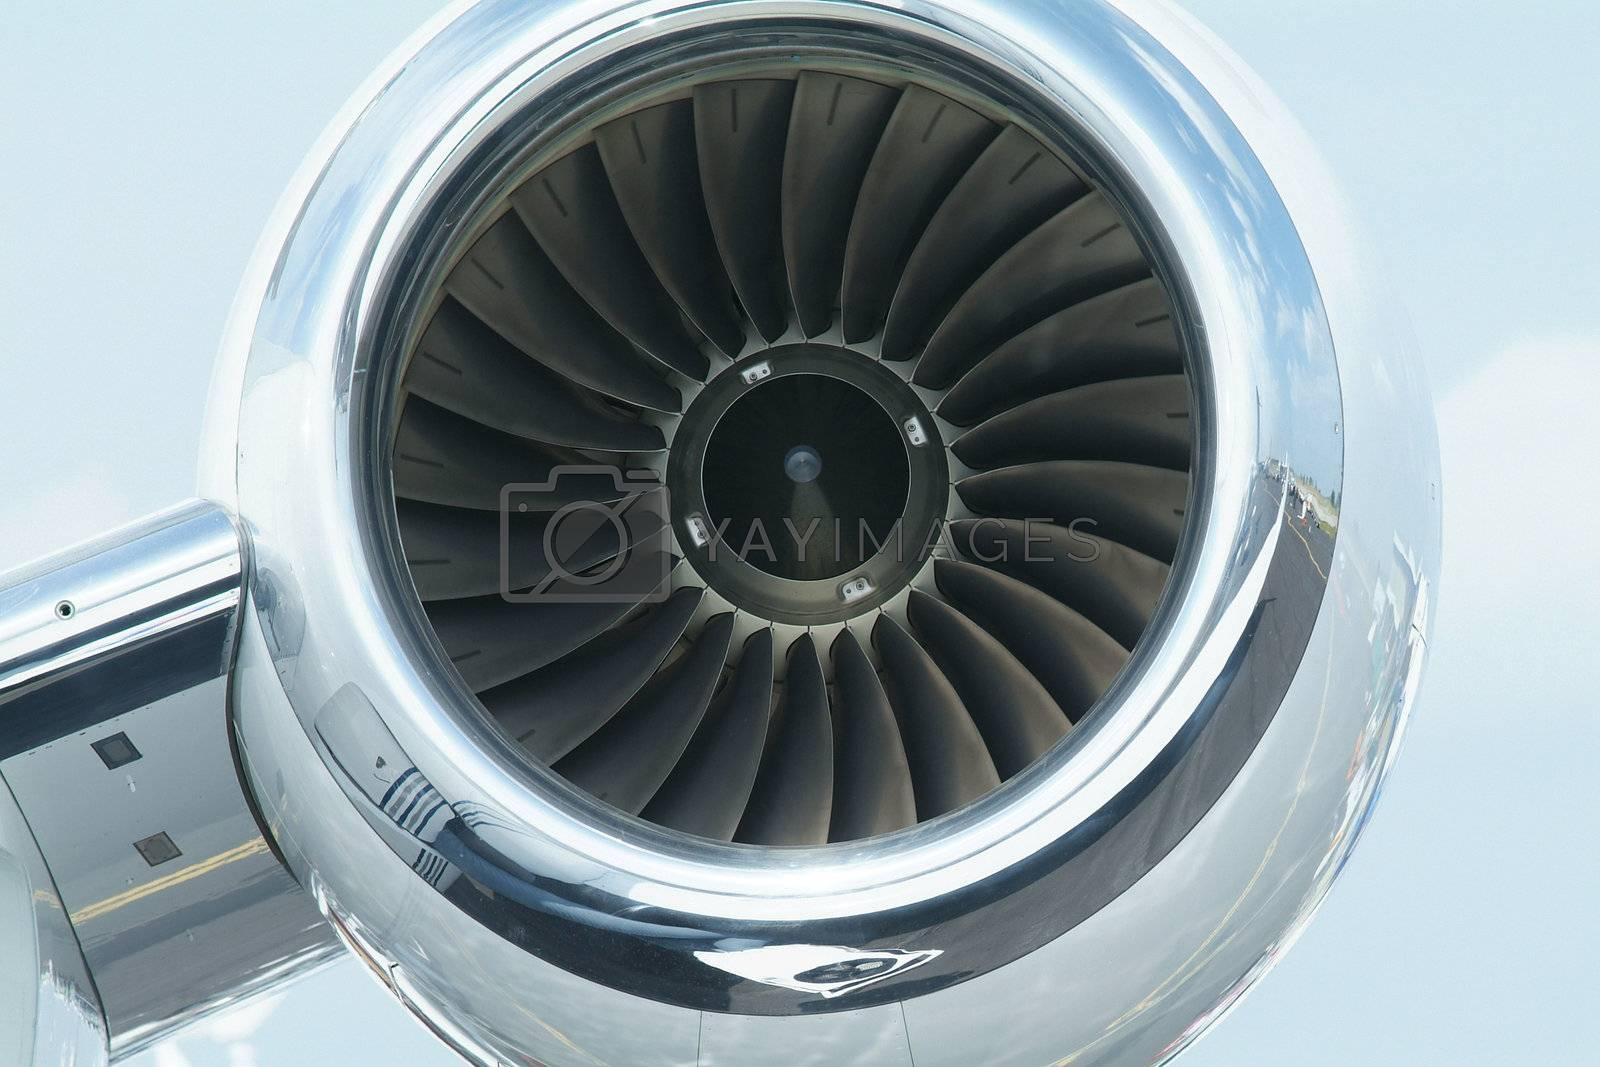 Jet engine by epixx